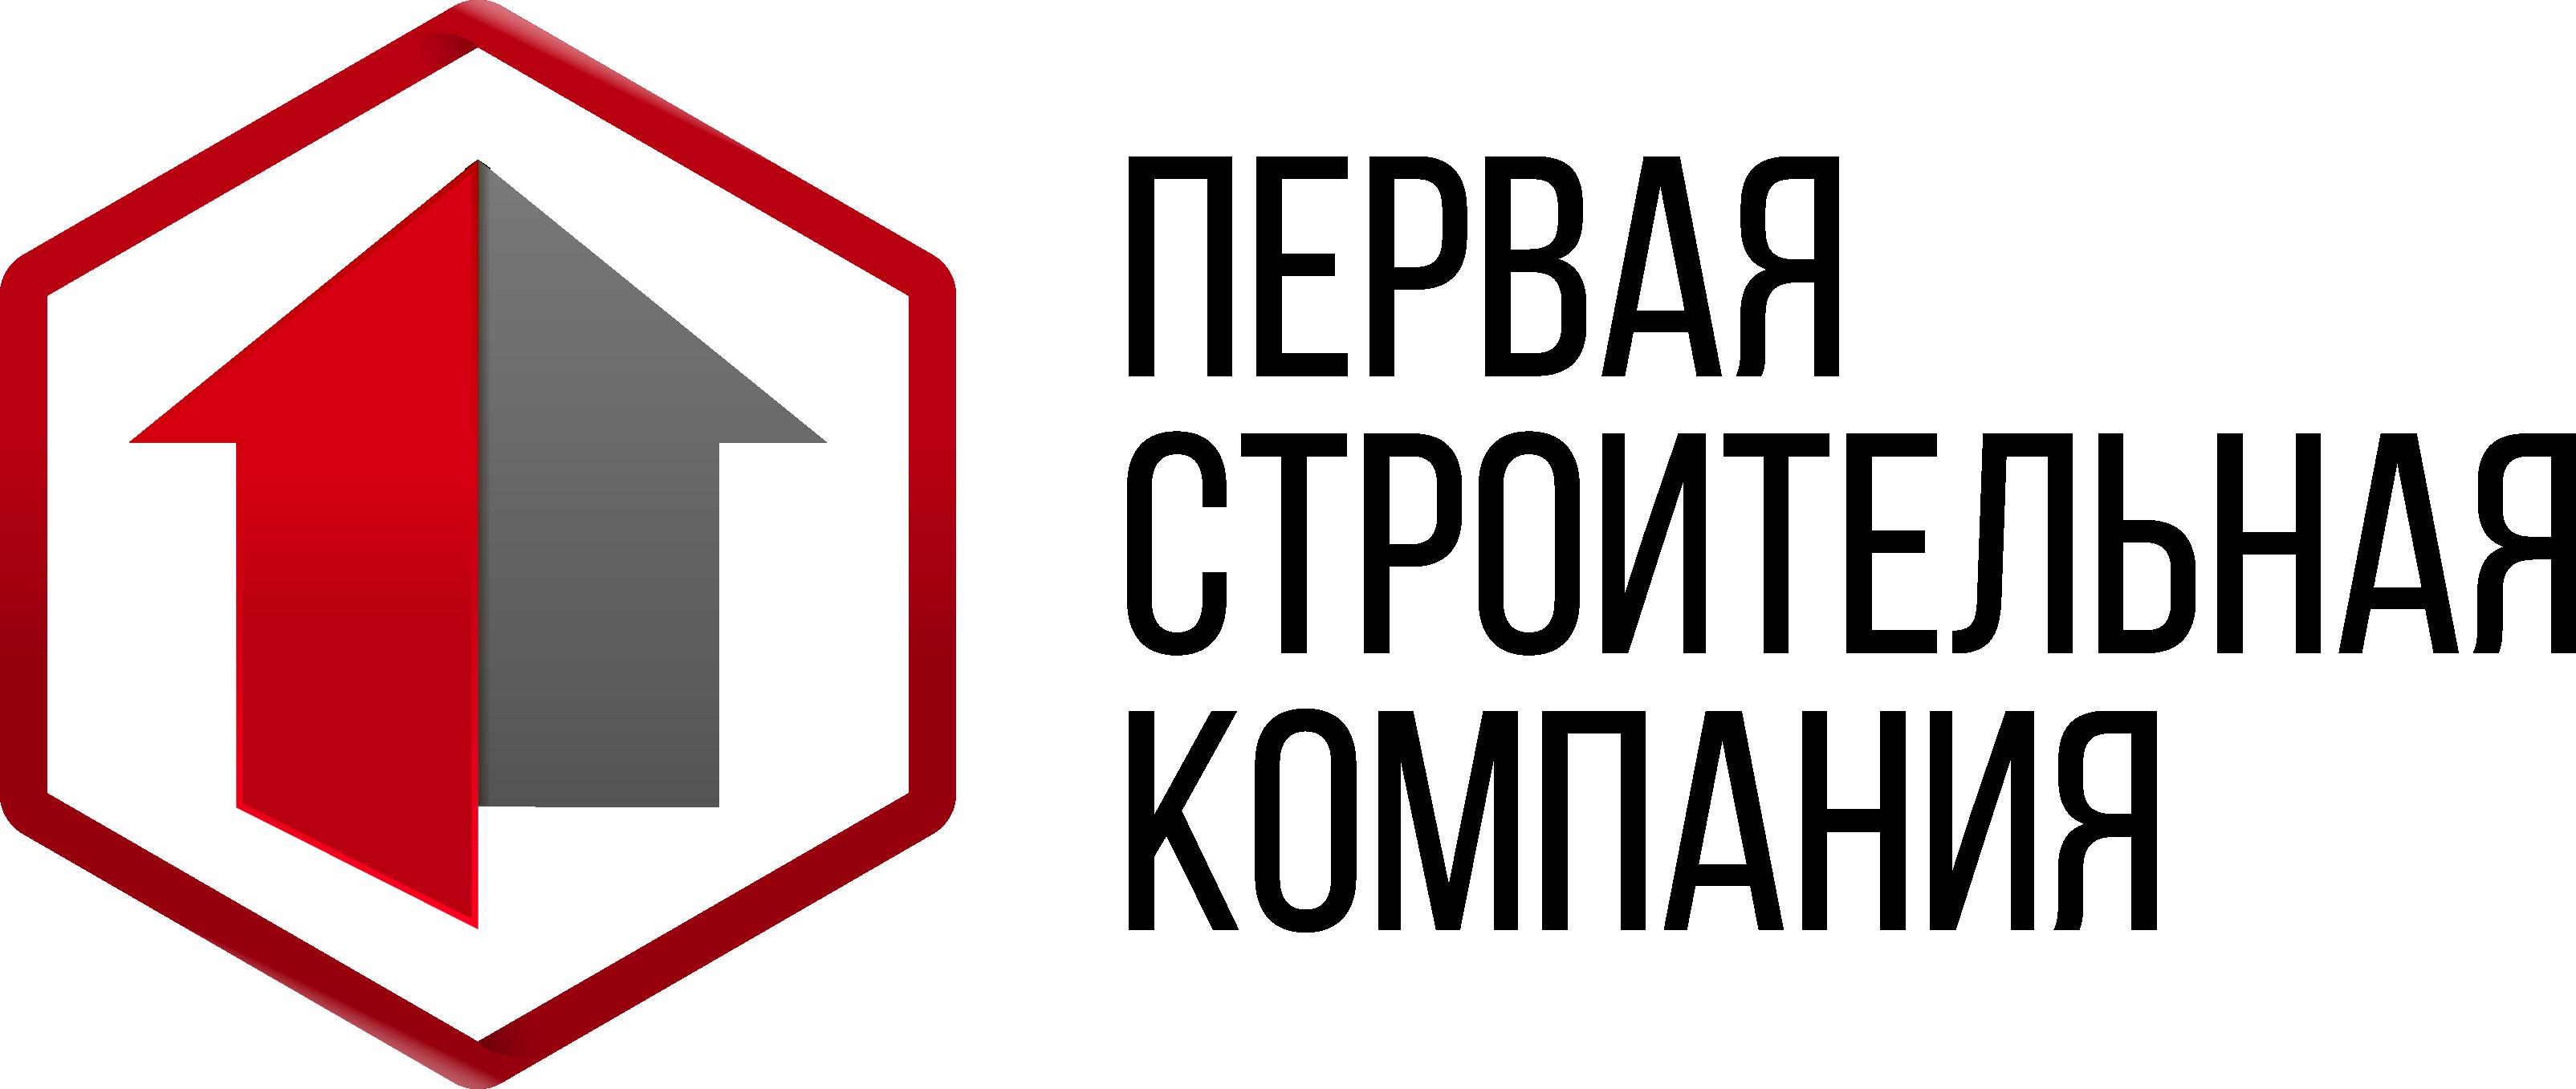 Первая компания сайт создание интернет сайта практика отчет